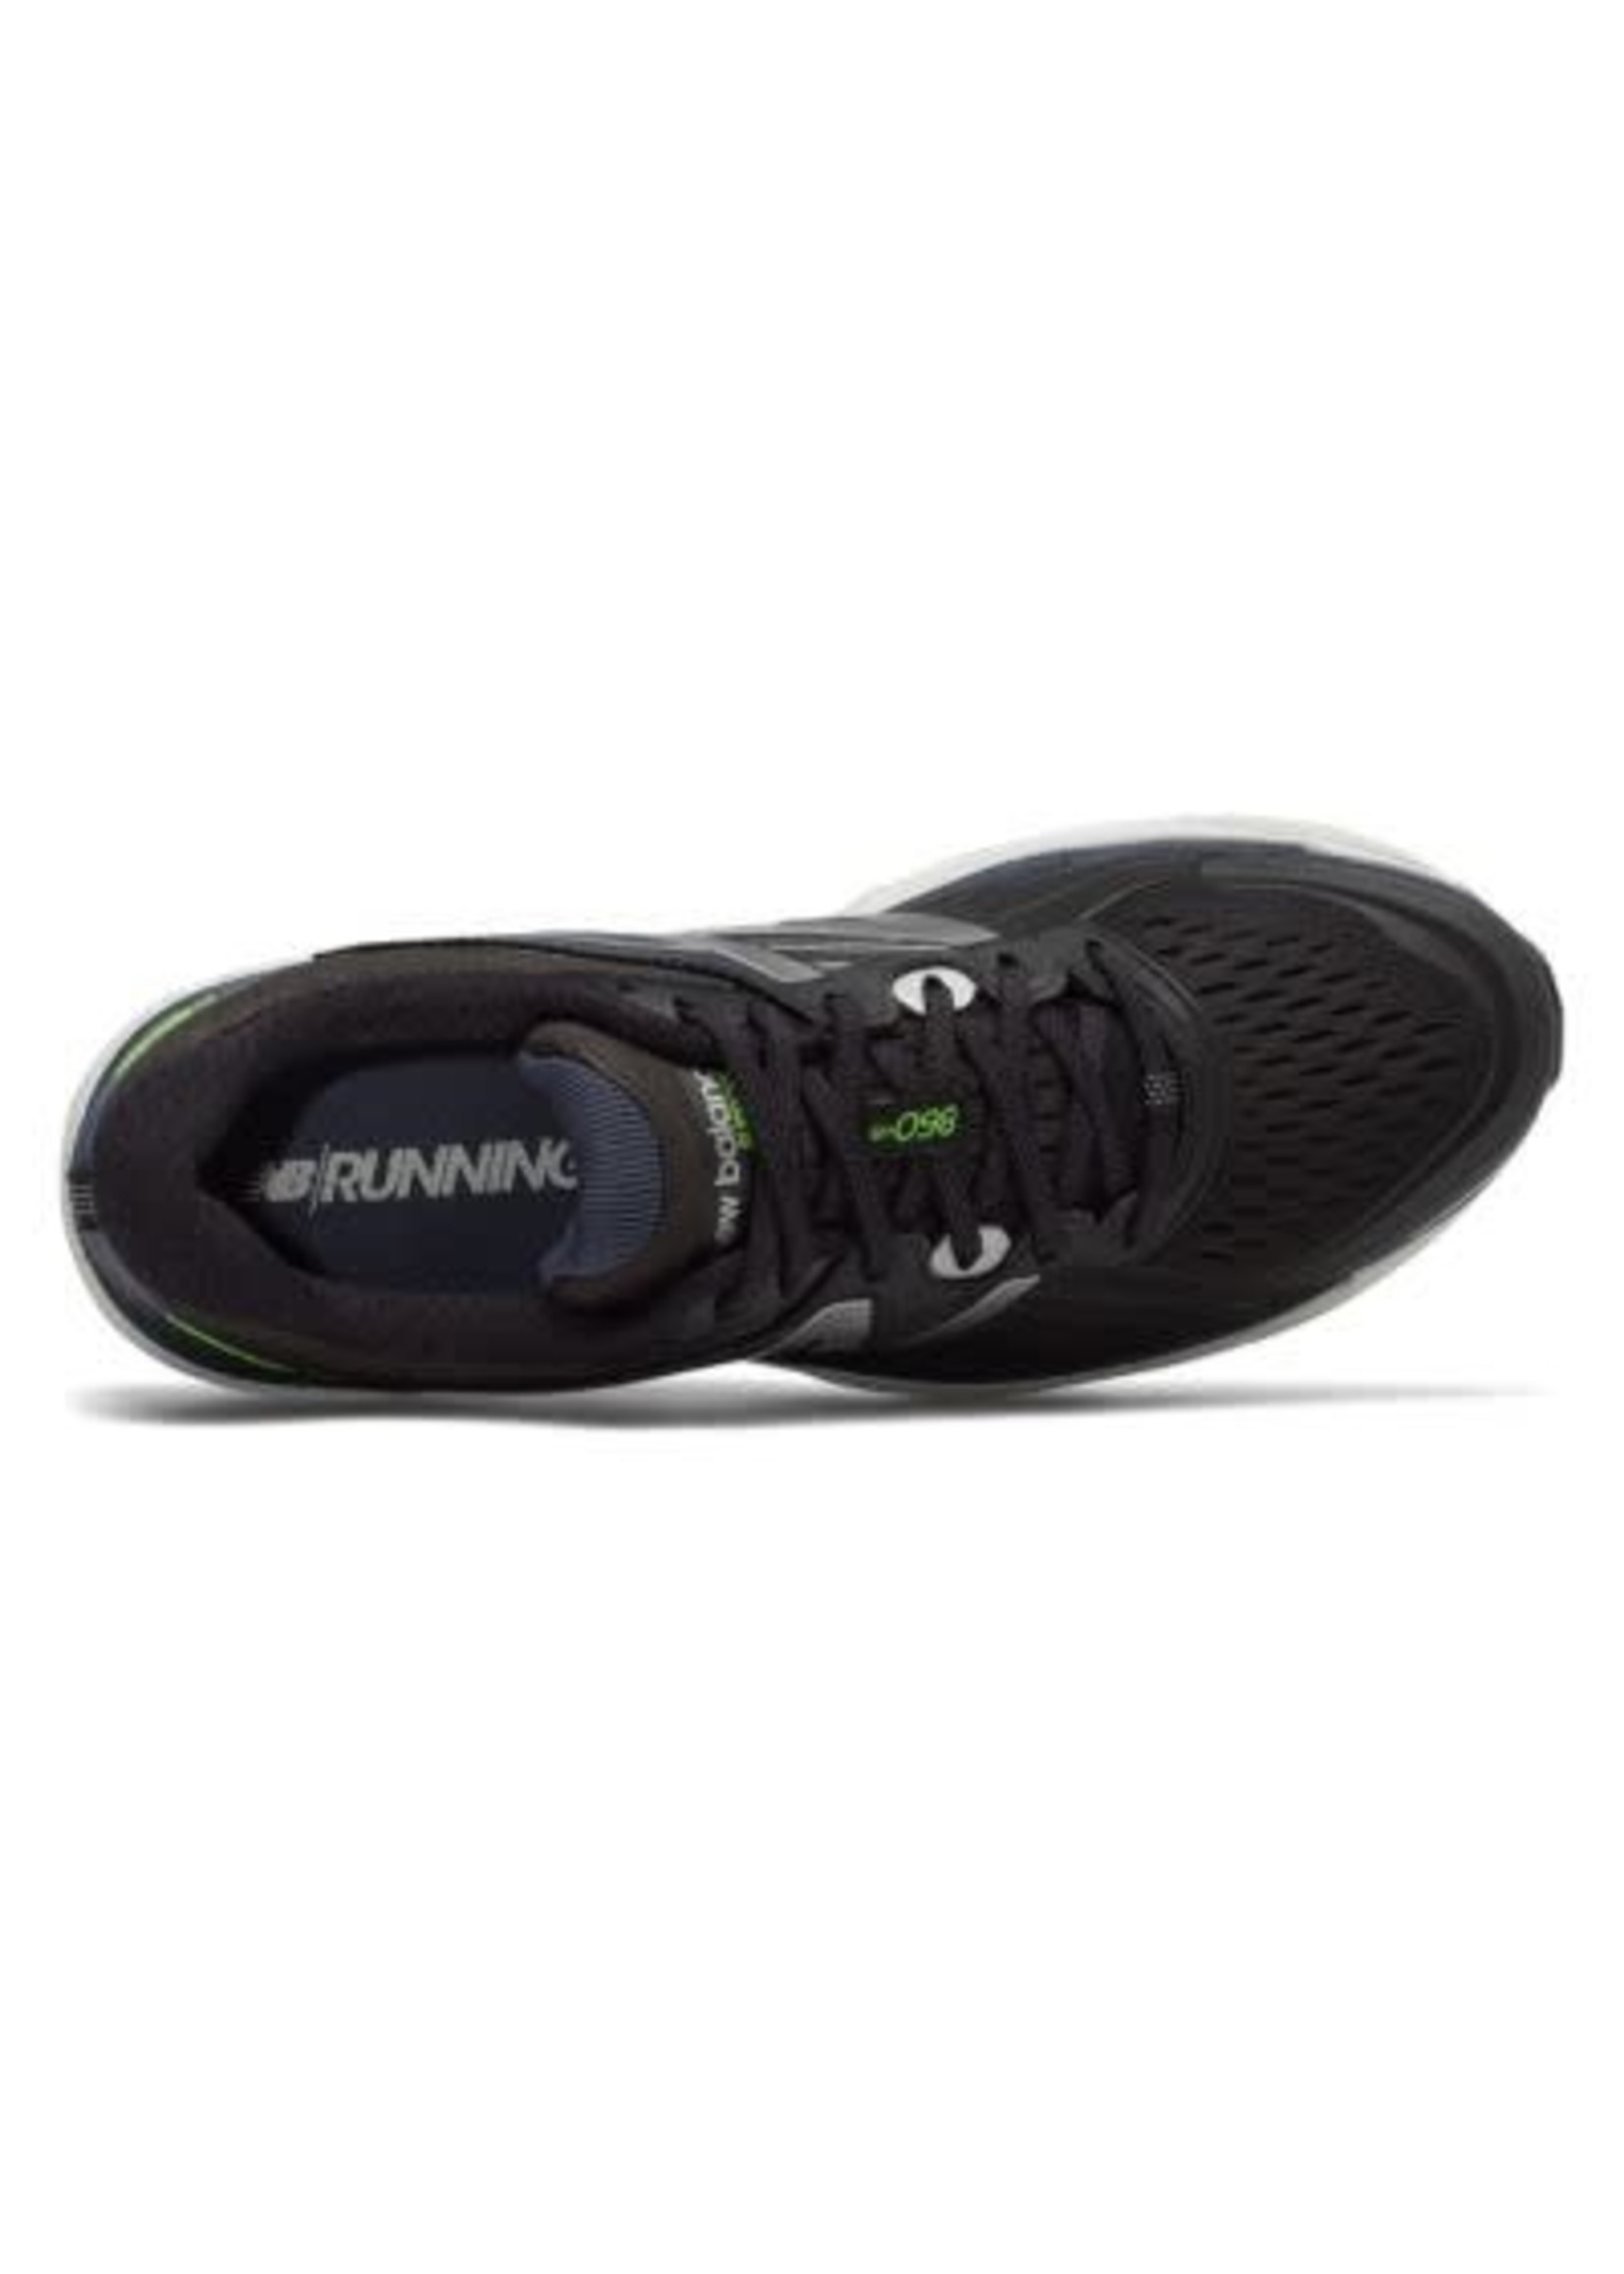 NEW BALANCE NEW BALANCE- M860BW8- BLACK WITH THUNDER